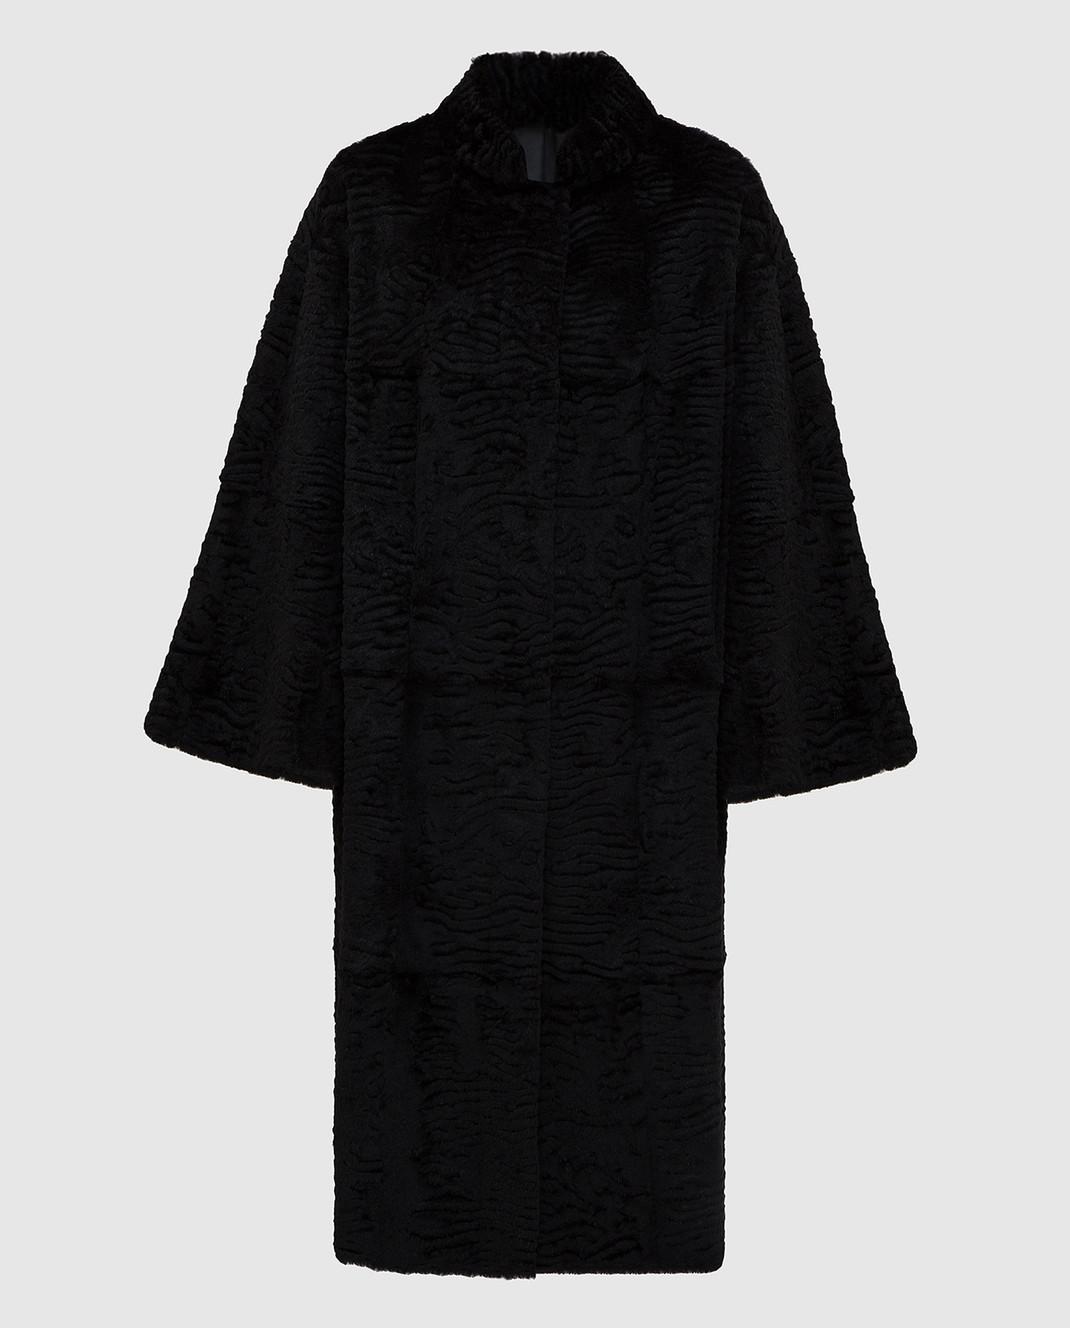 Giuliana Teso Черное пальто из меха кролика изображение 1